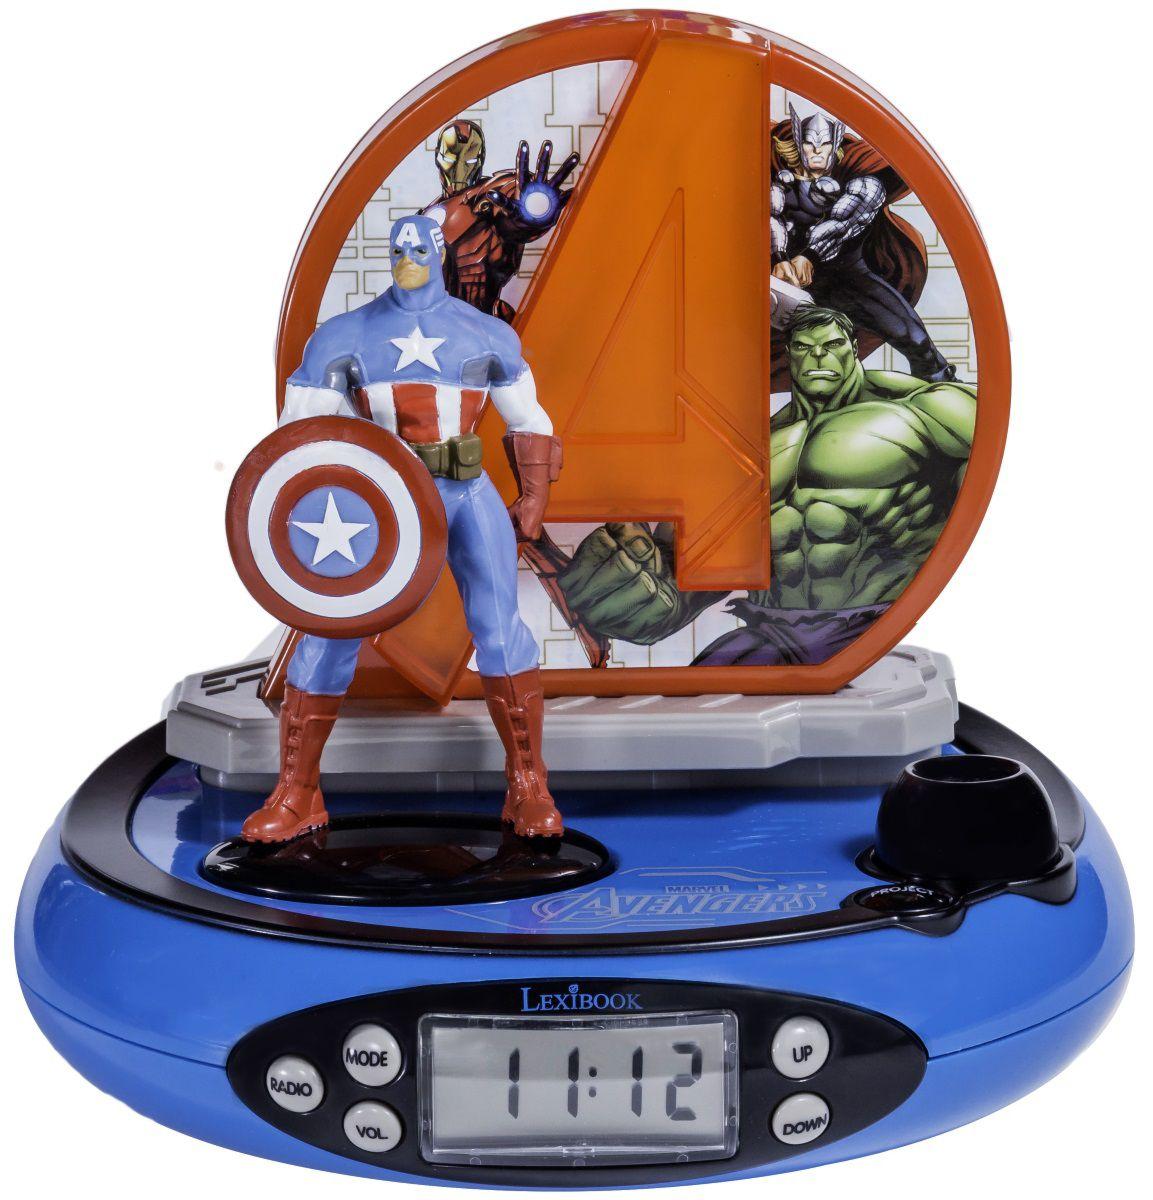 Часы-будильник AvengersЧасы-будильник Avengers – многофункциональные часы Мстители, оснащены функциями будильника, радио, термометра. Перед использованием внимательно ознакомьтесь с инструкцией.<br>